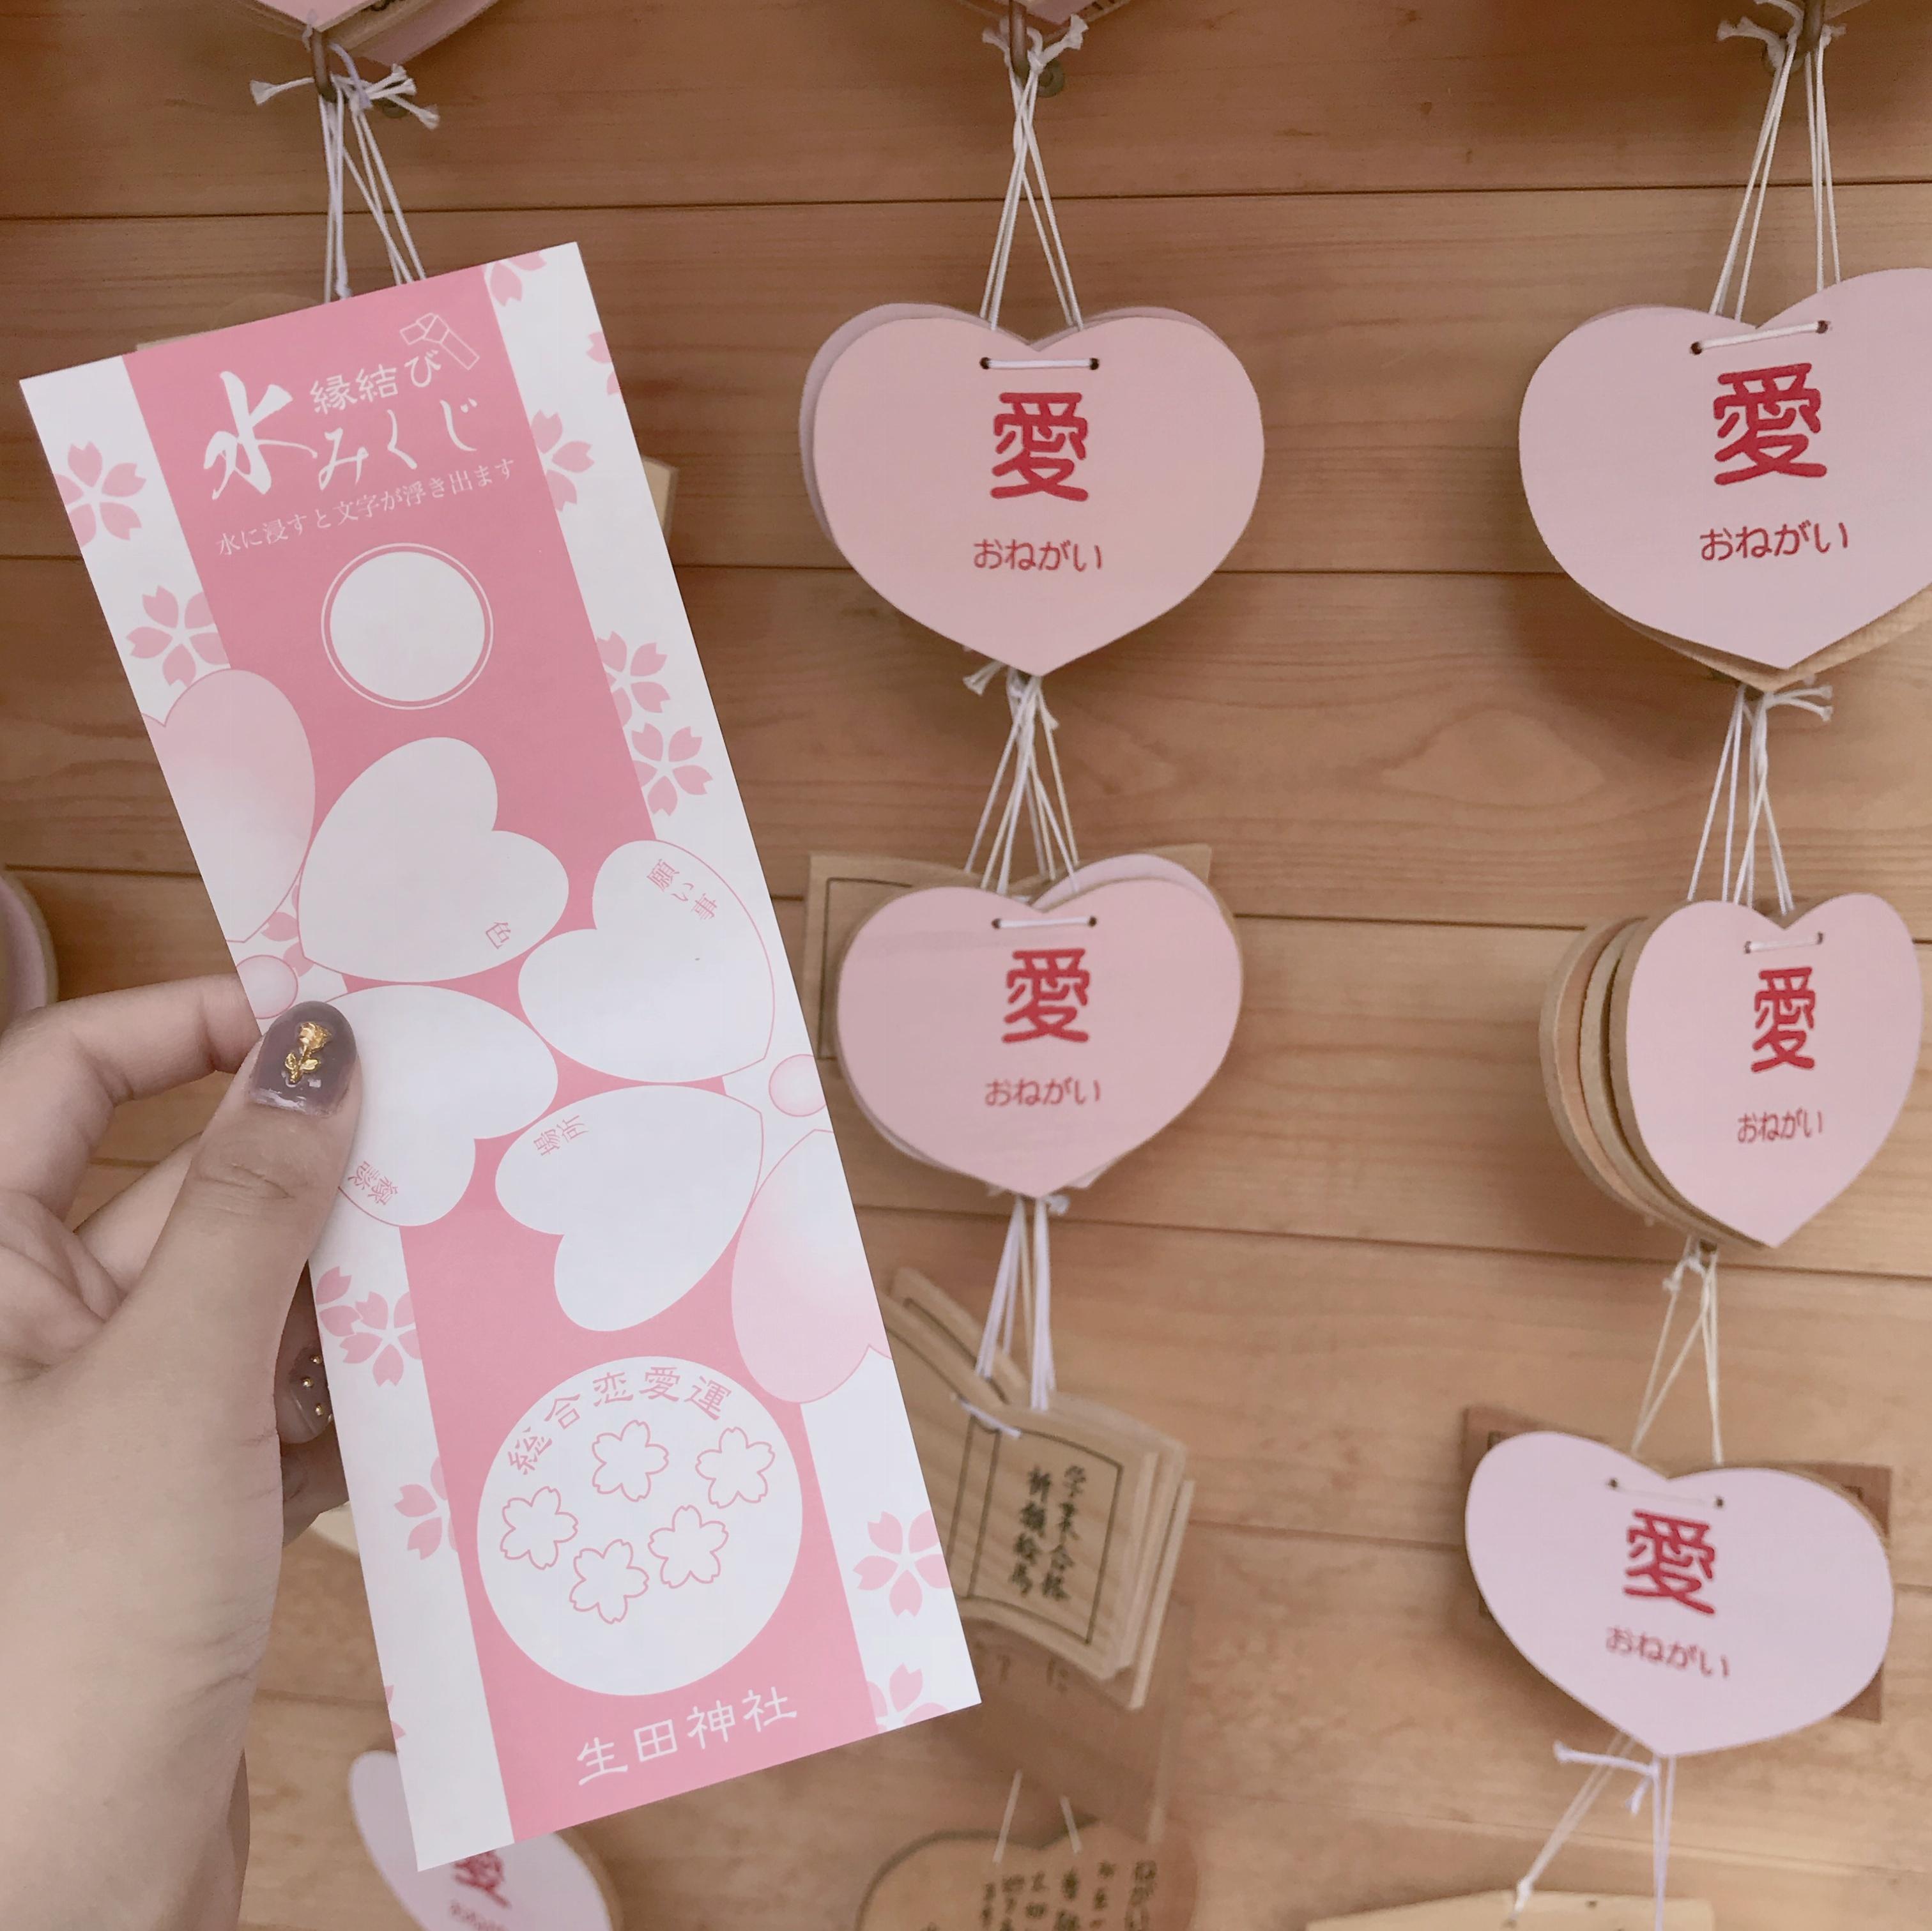 神戸の生田神社といえば縁結び❤︎新感覚【水みくじ】ができちゃうんです!_3